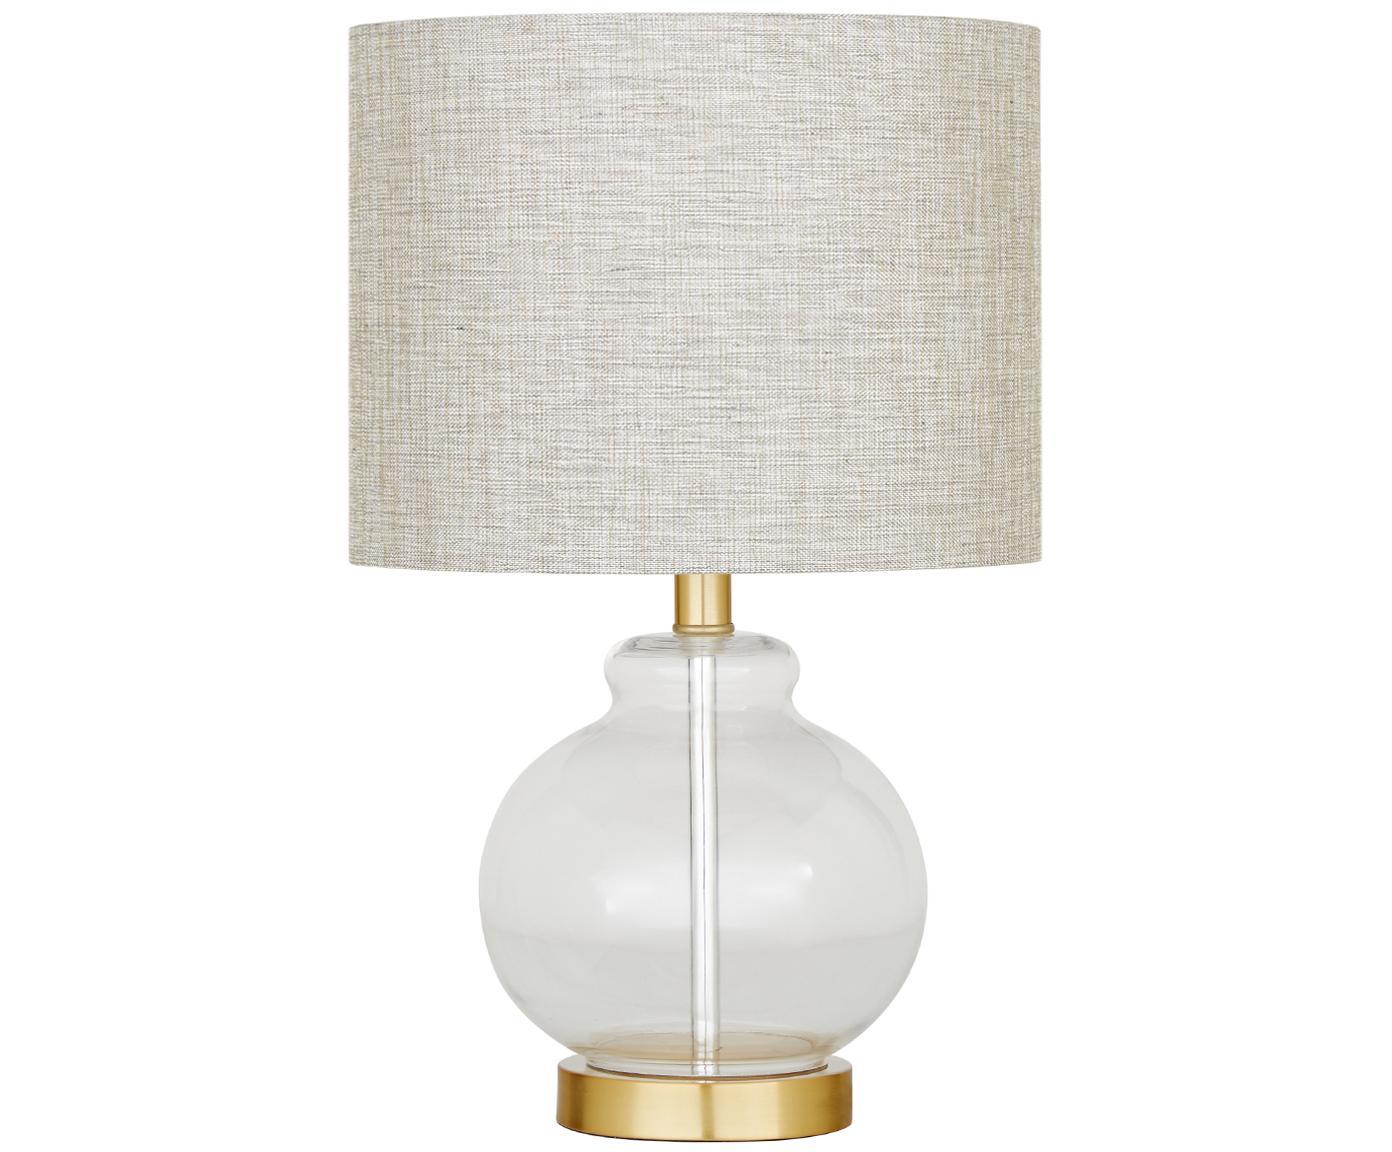 Tischleuchte Natty, Lampenschirm: Textil, Lampenfuß: Glas, Messing, gebürstet, Taupe, Transparent, Ø 31 x H 48 cm